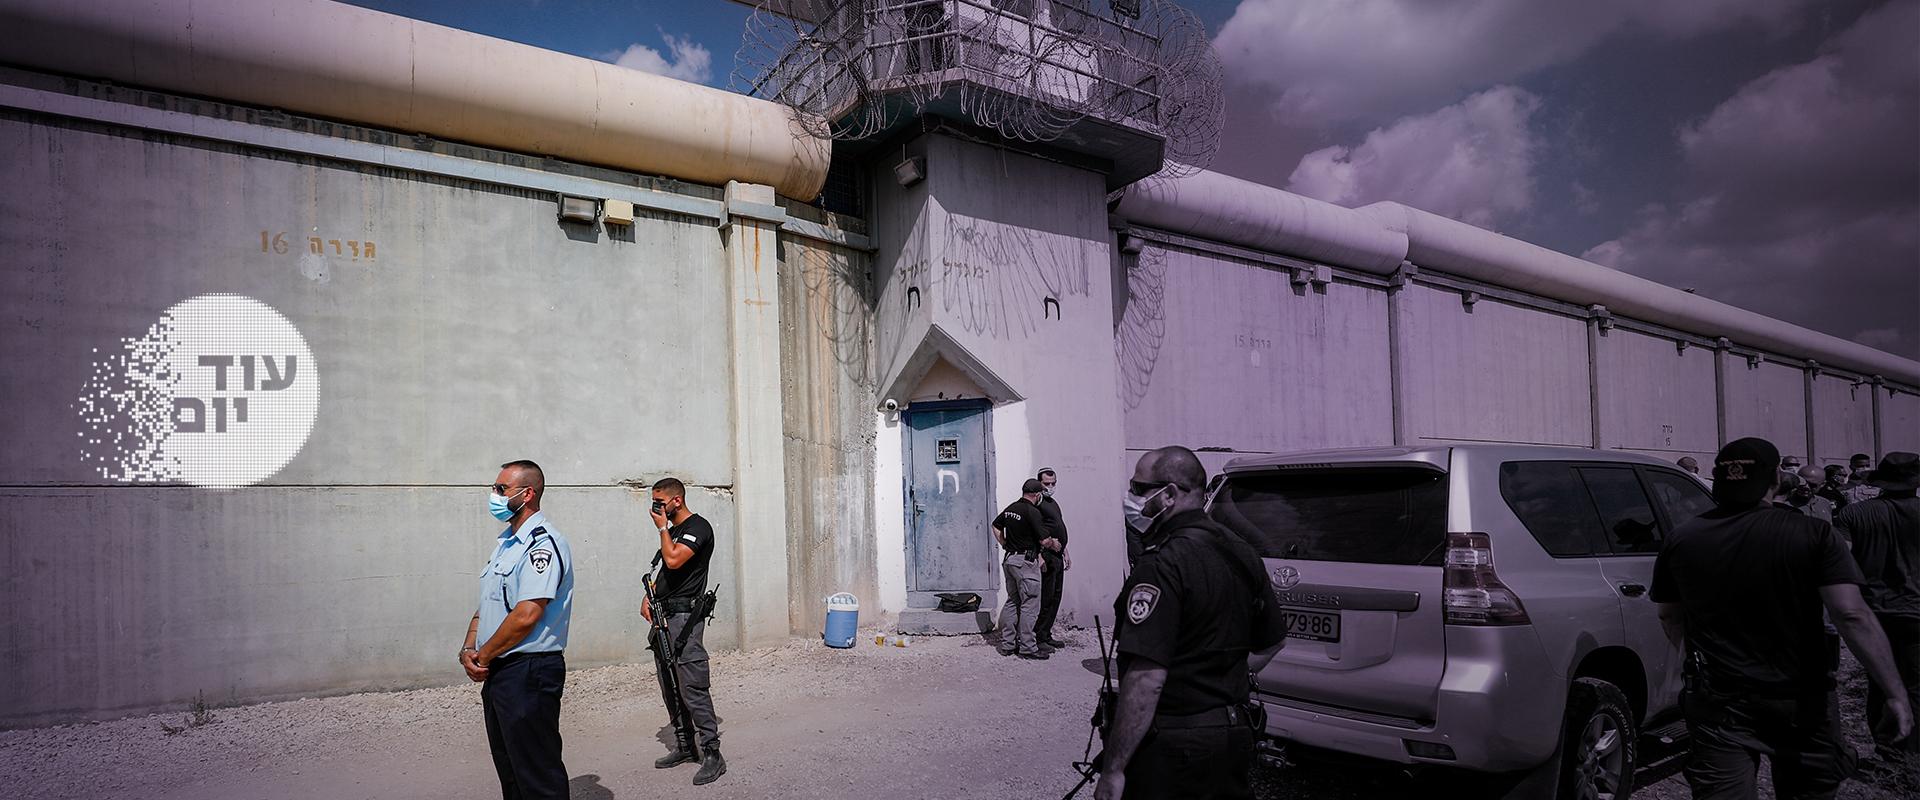 בריחת האסירים | עוד יום